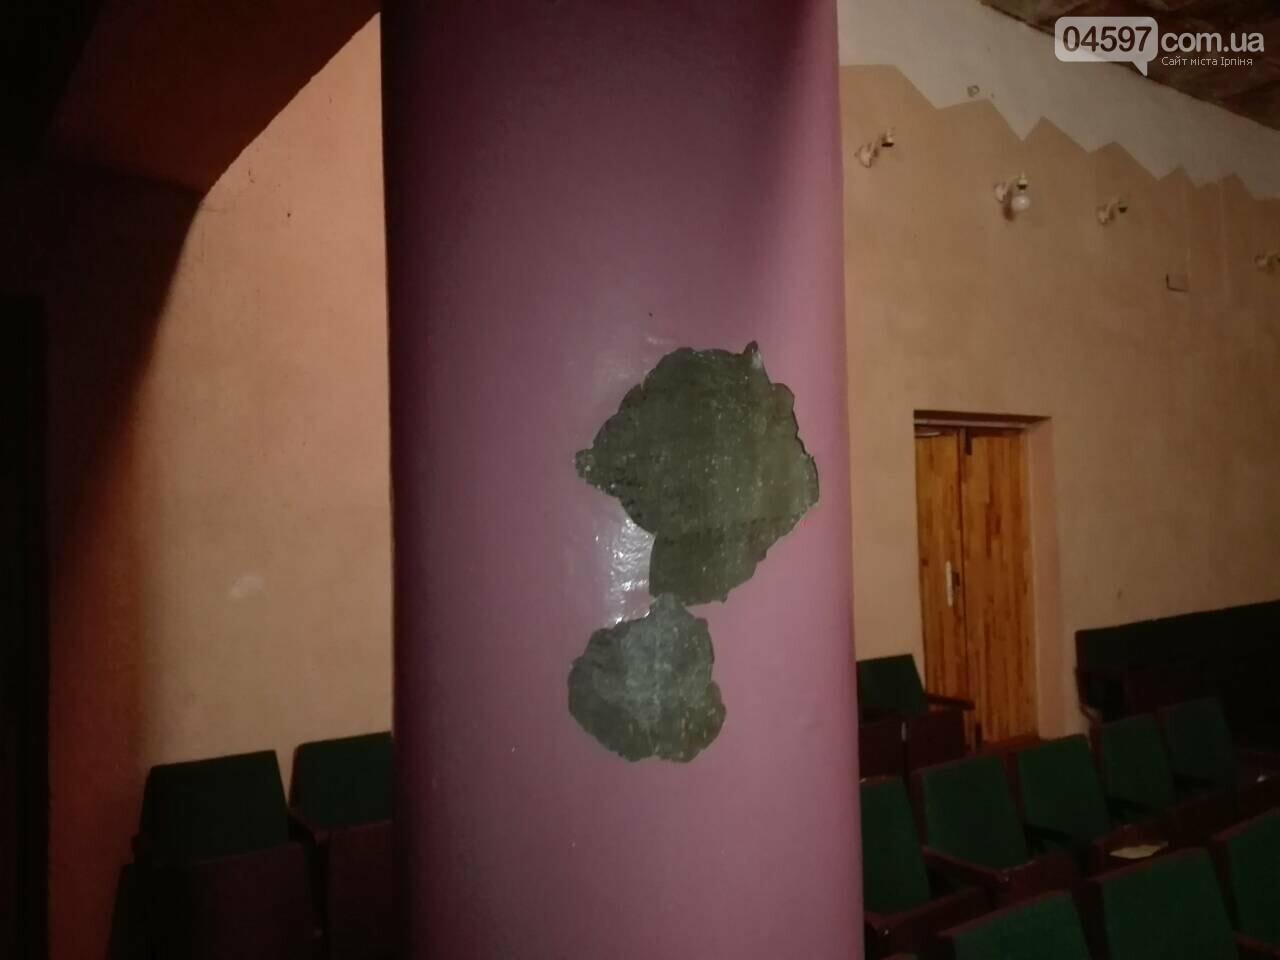 Міський будинок культури ГДК знаходиться в жахливому стані (Фото), фото-16